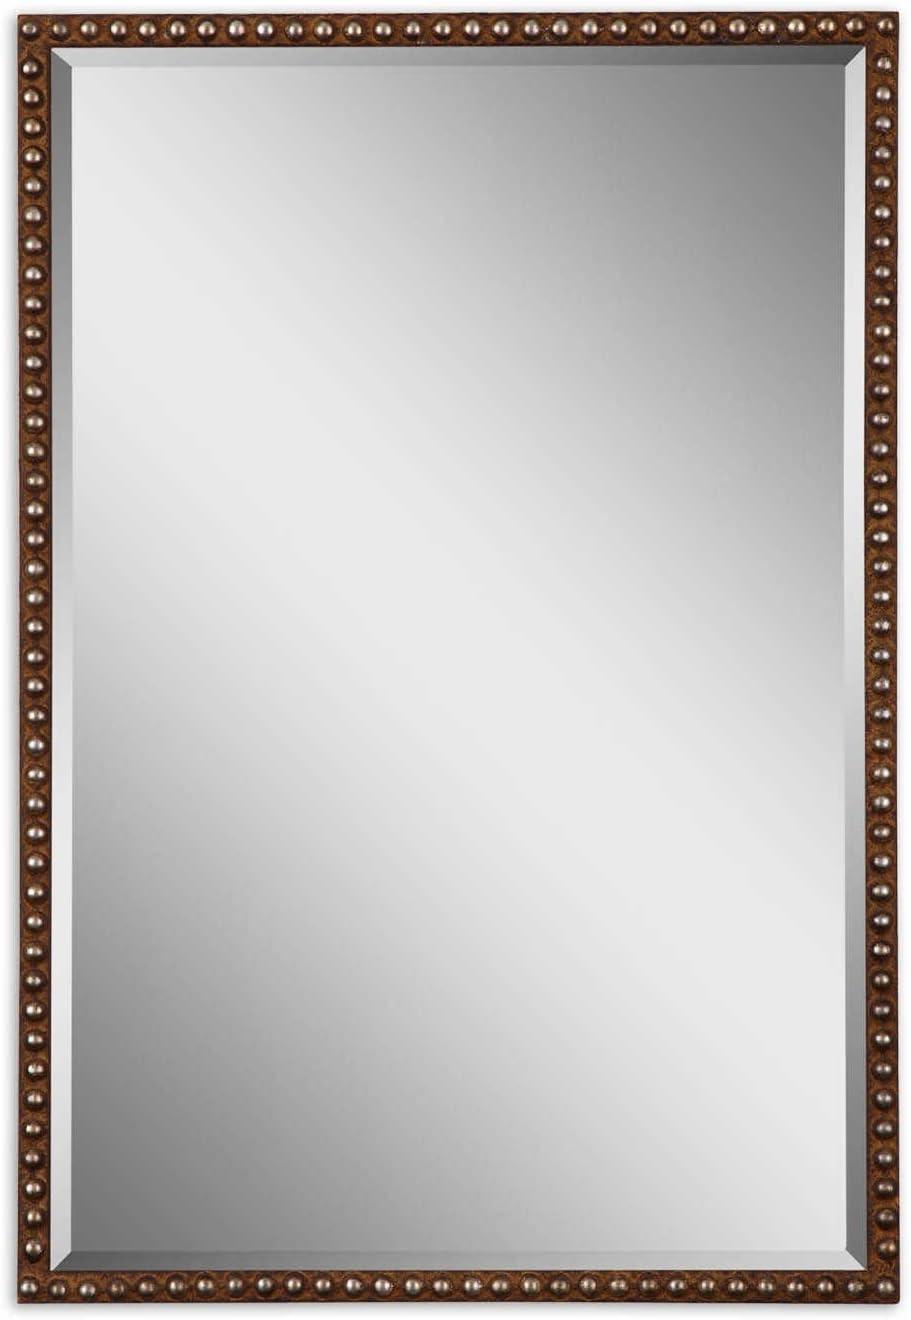 Uttermost, Brown Tempe Mirror 1.25 x 21.5 x 31.75, 21 W x 31 H